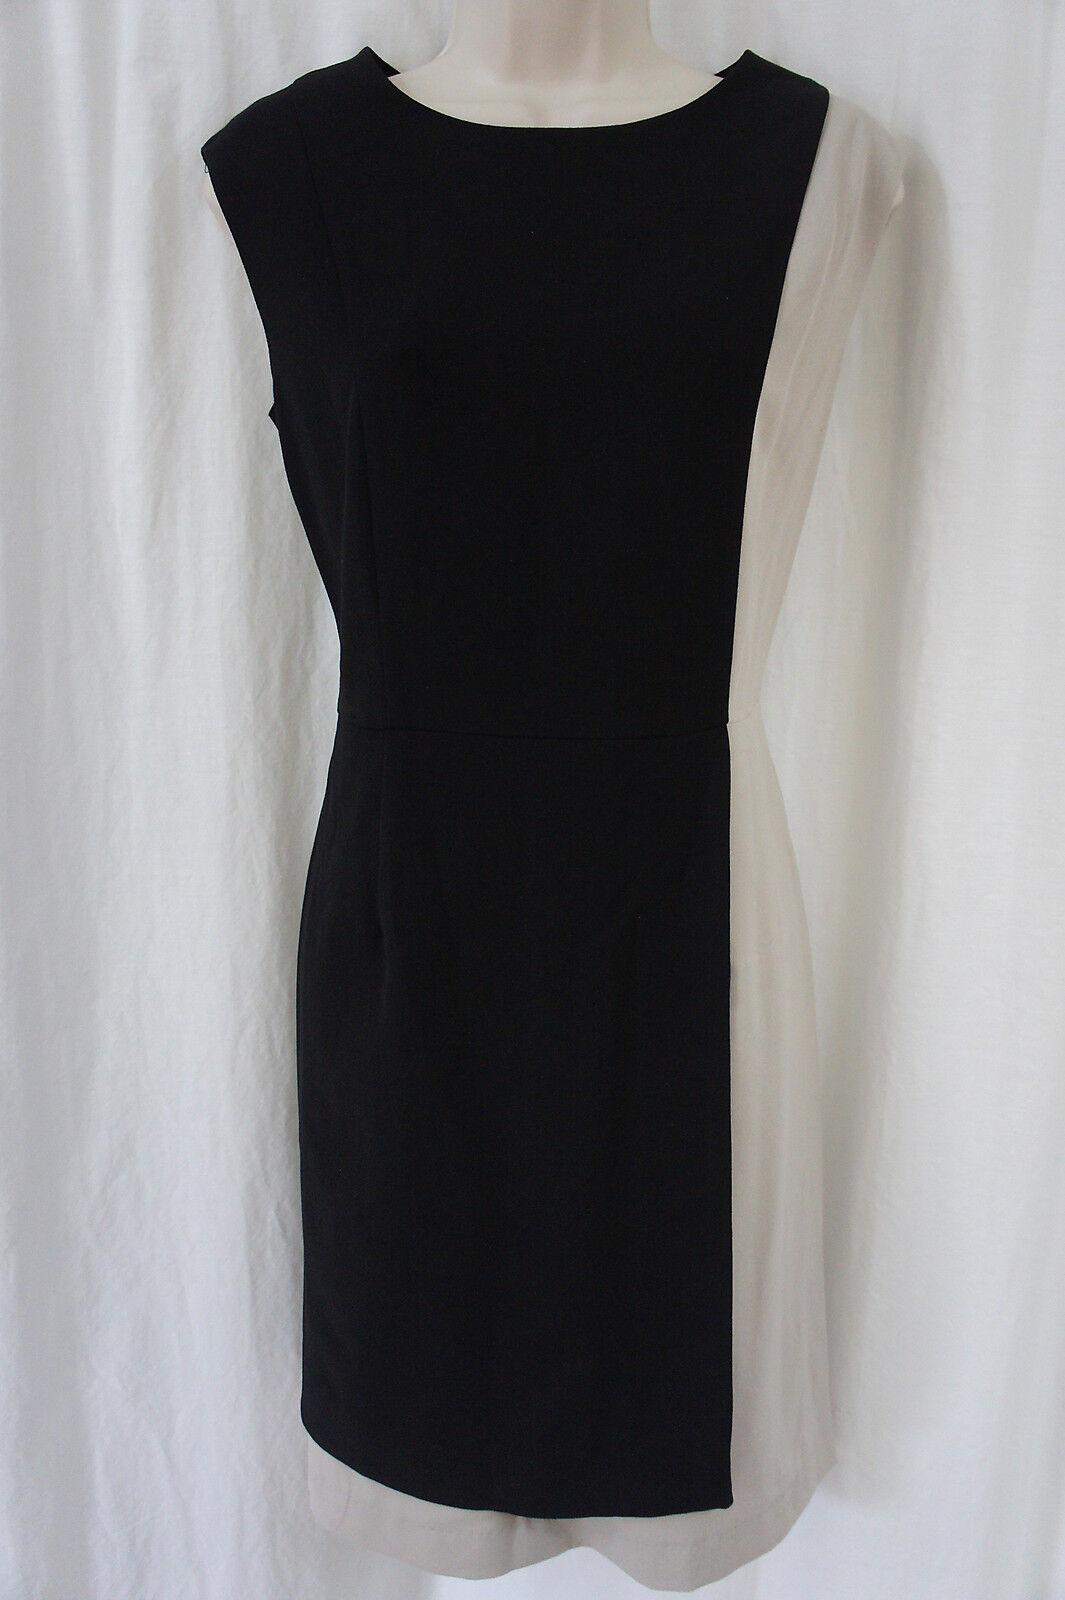 Shelby & Palmer Dress Sz 10 schwarz Khaki Farbeblock Boatneck Career Sheath Dress